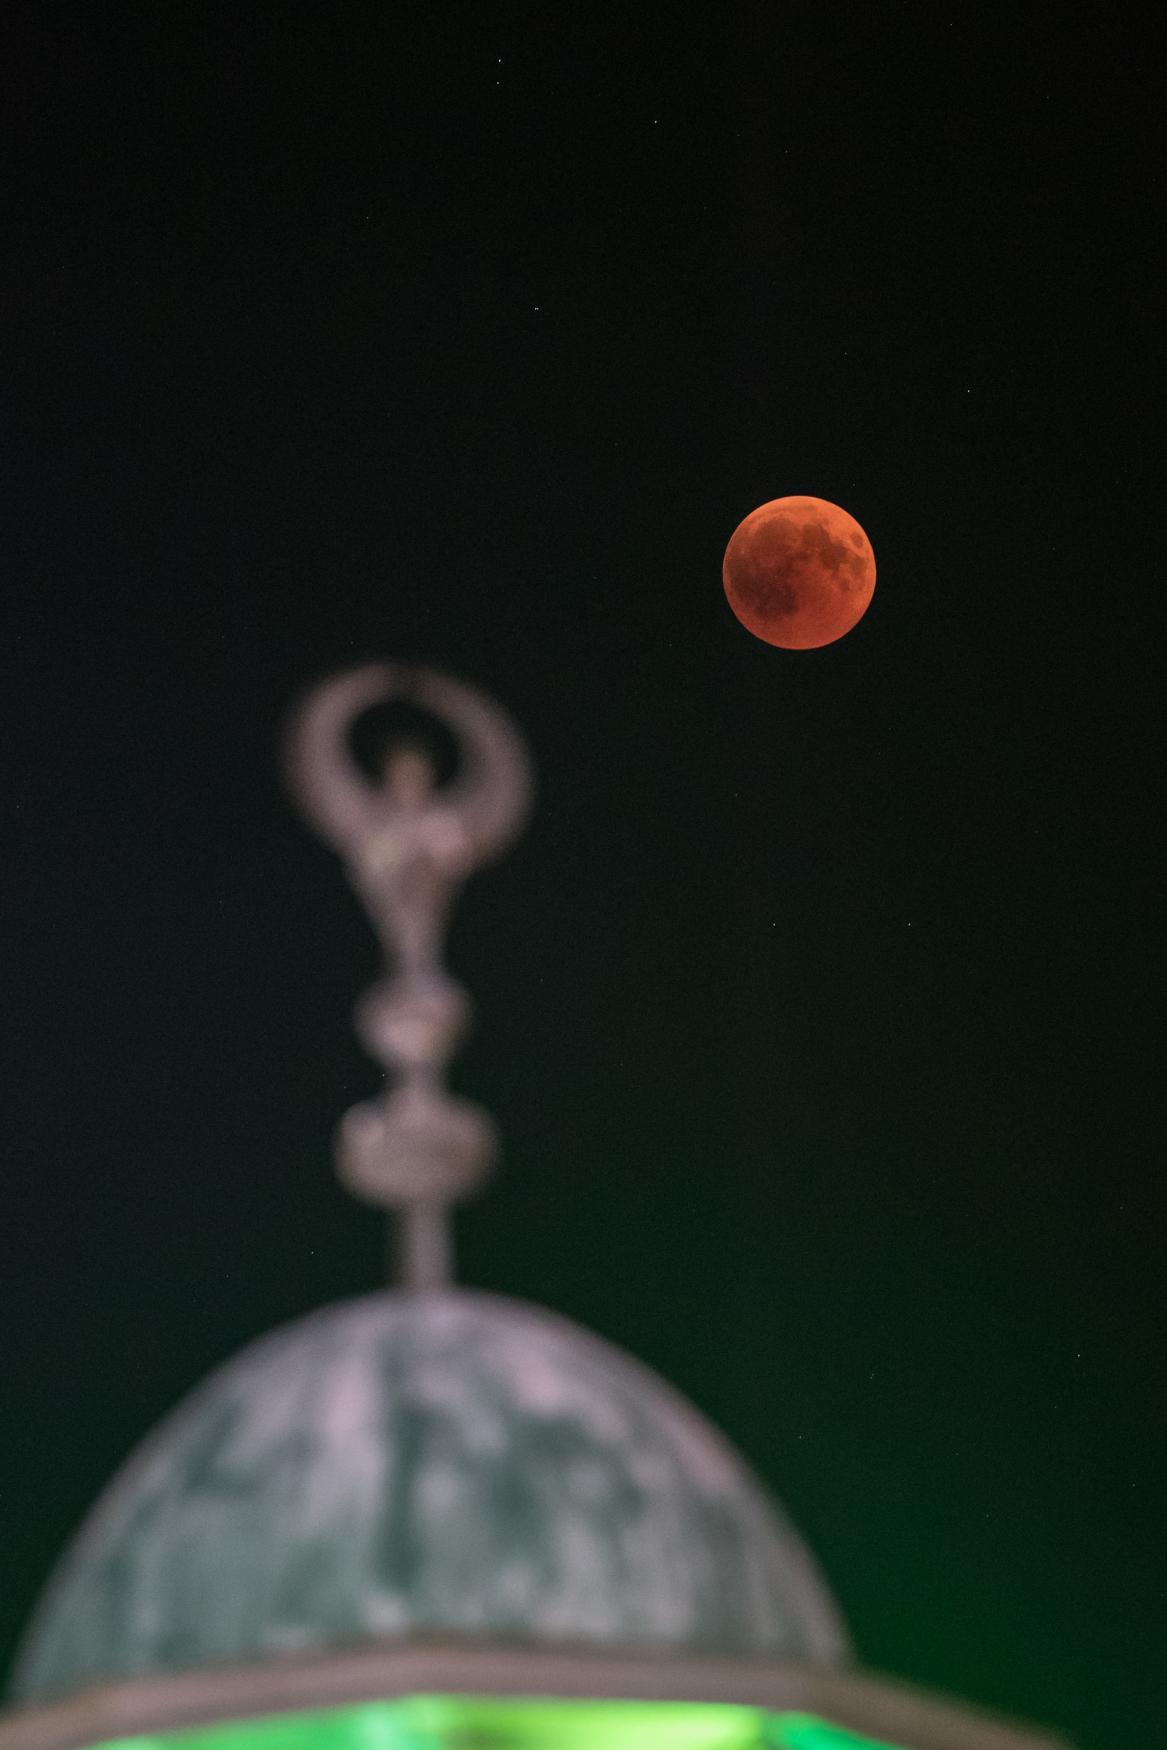 Zatmění Měsíce naderuzalémem